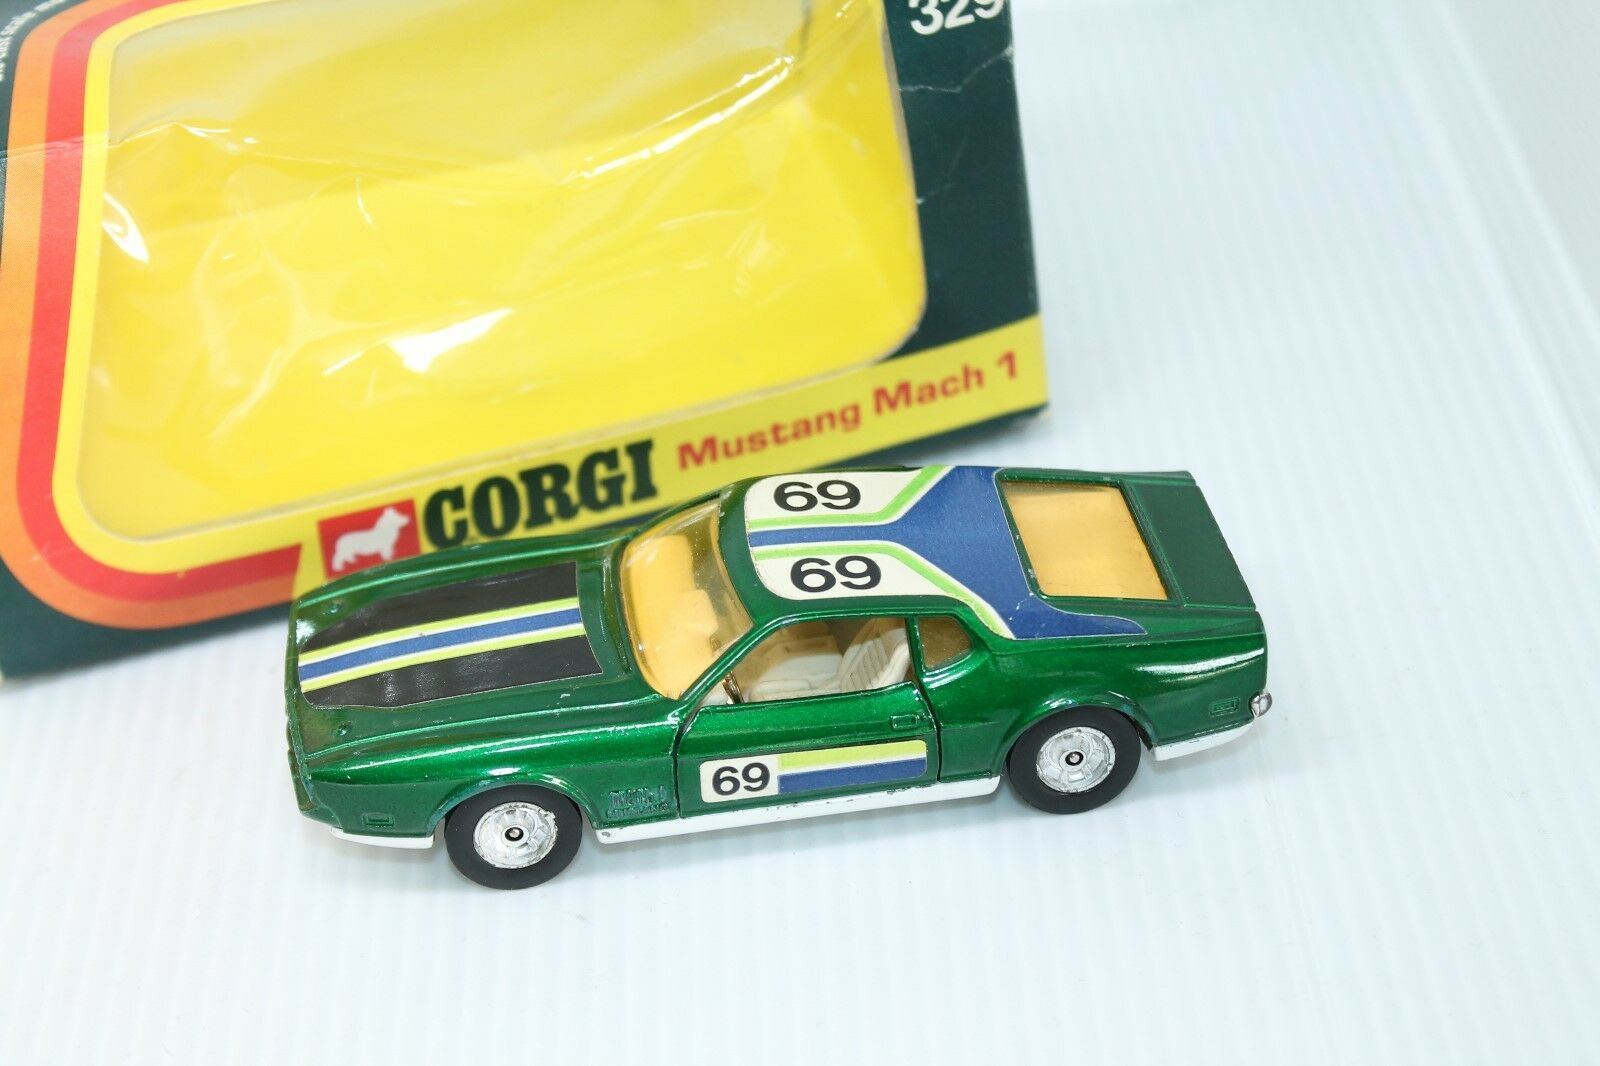 CORGI TOYS  FORD MUSTANG MACH 1  1 43  TOP & OVP  | Starker Wert